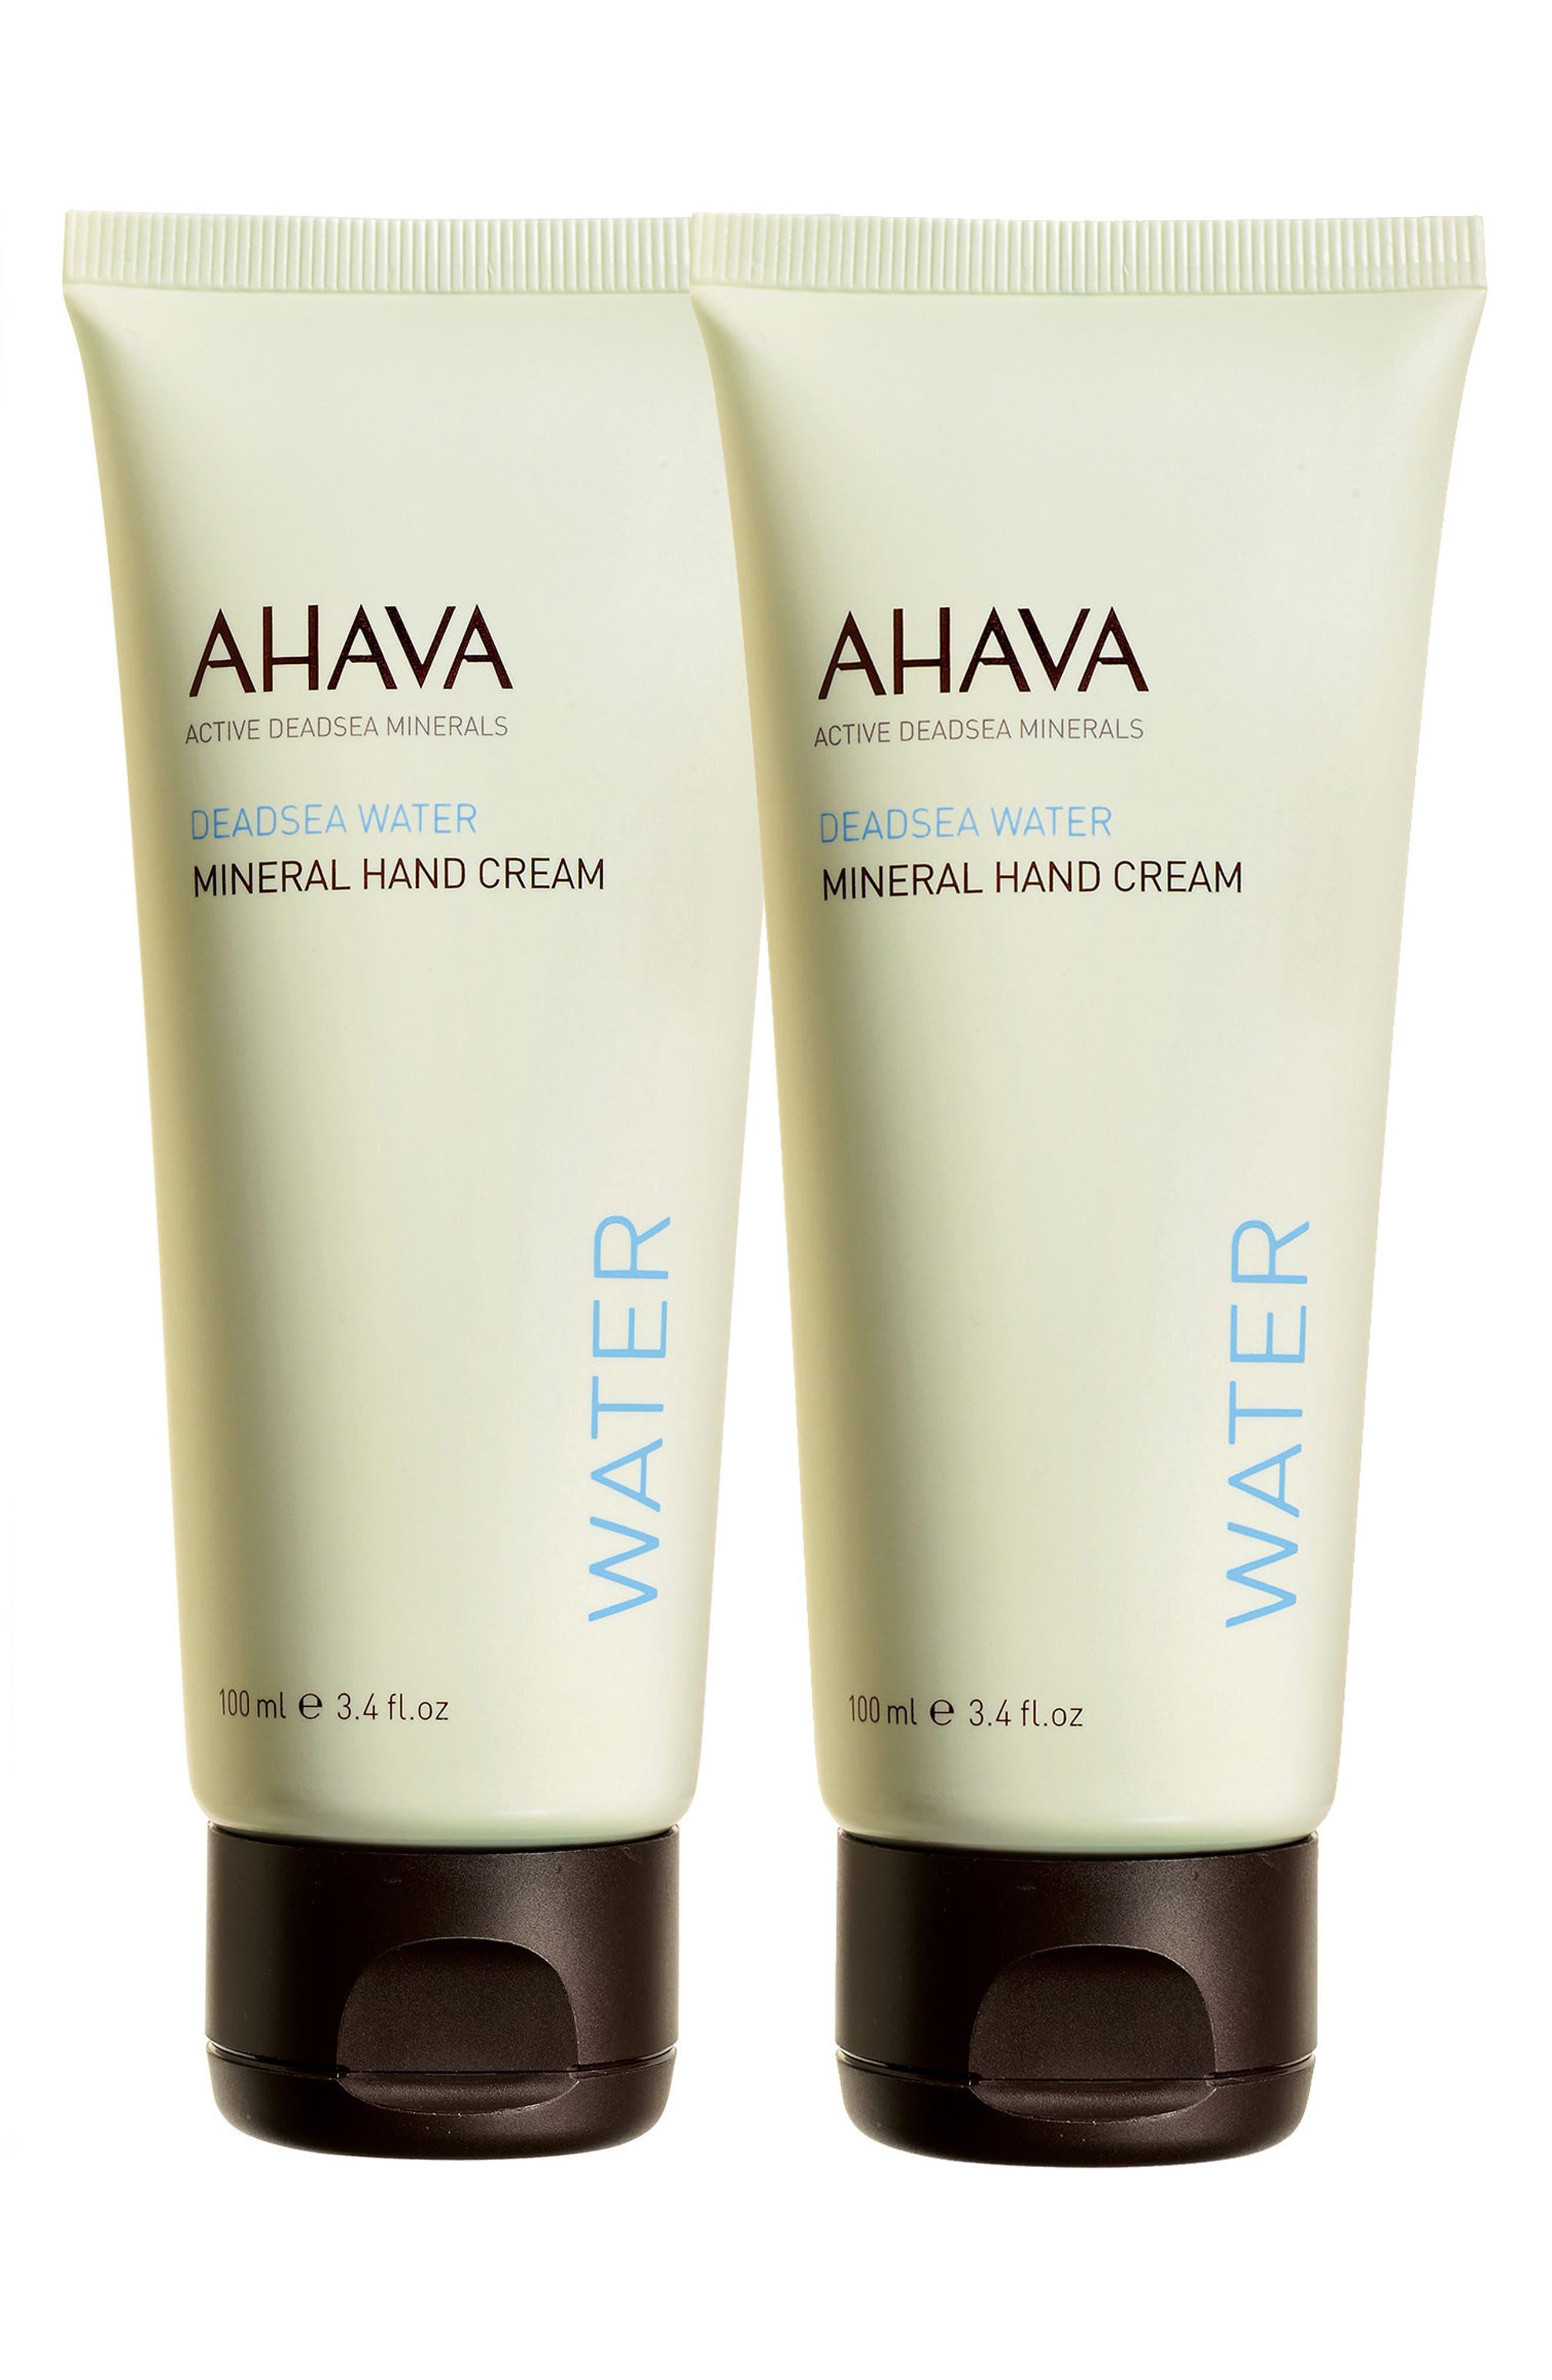 AHAVA Mineral Hand Cream Duo ($72 Value)